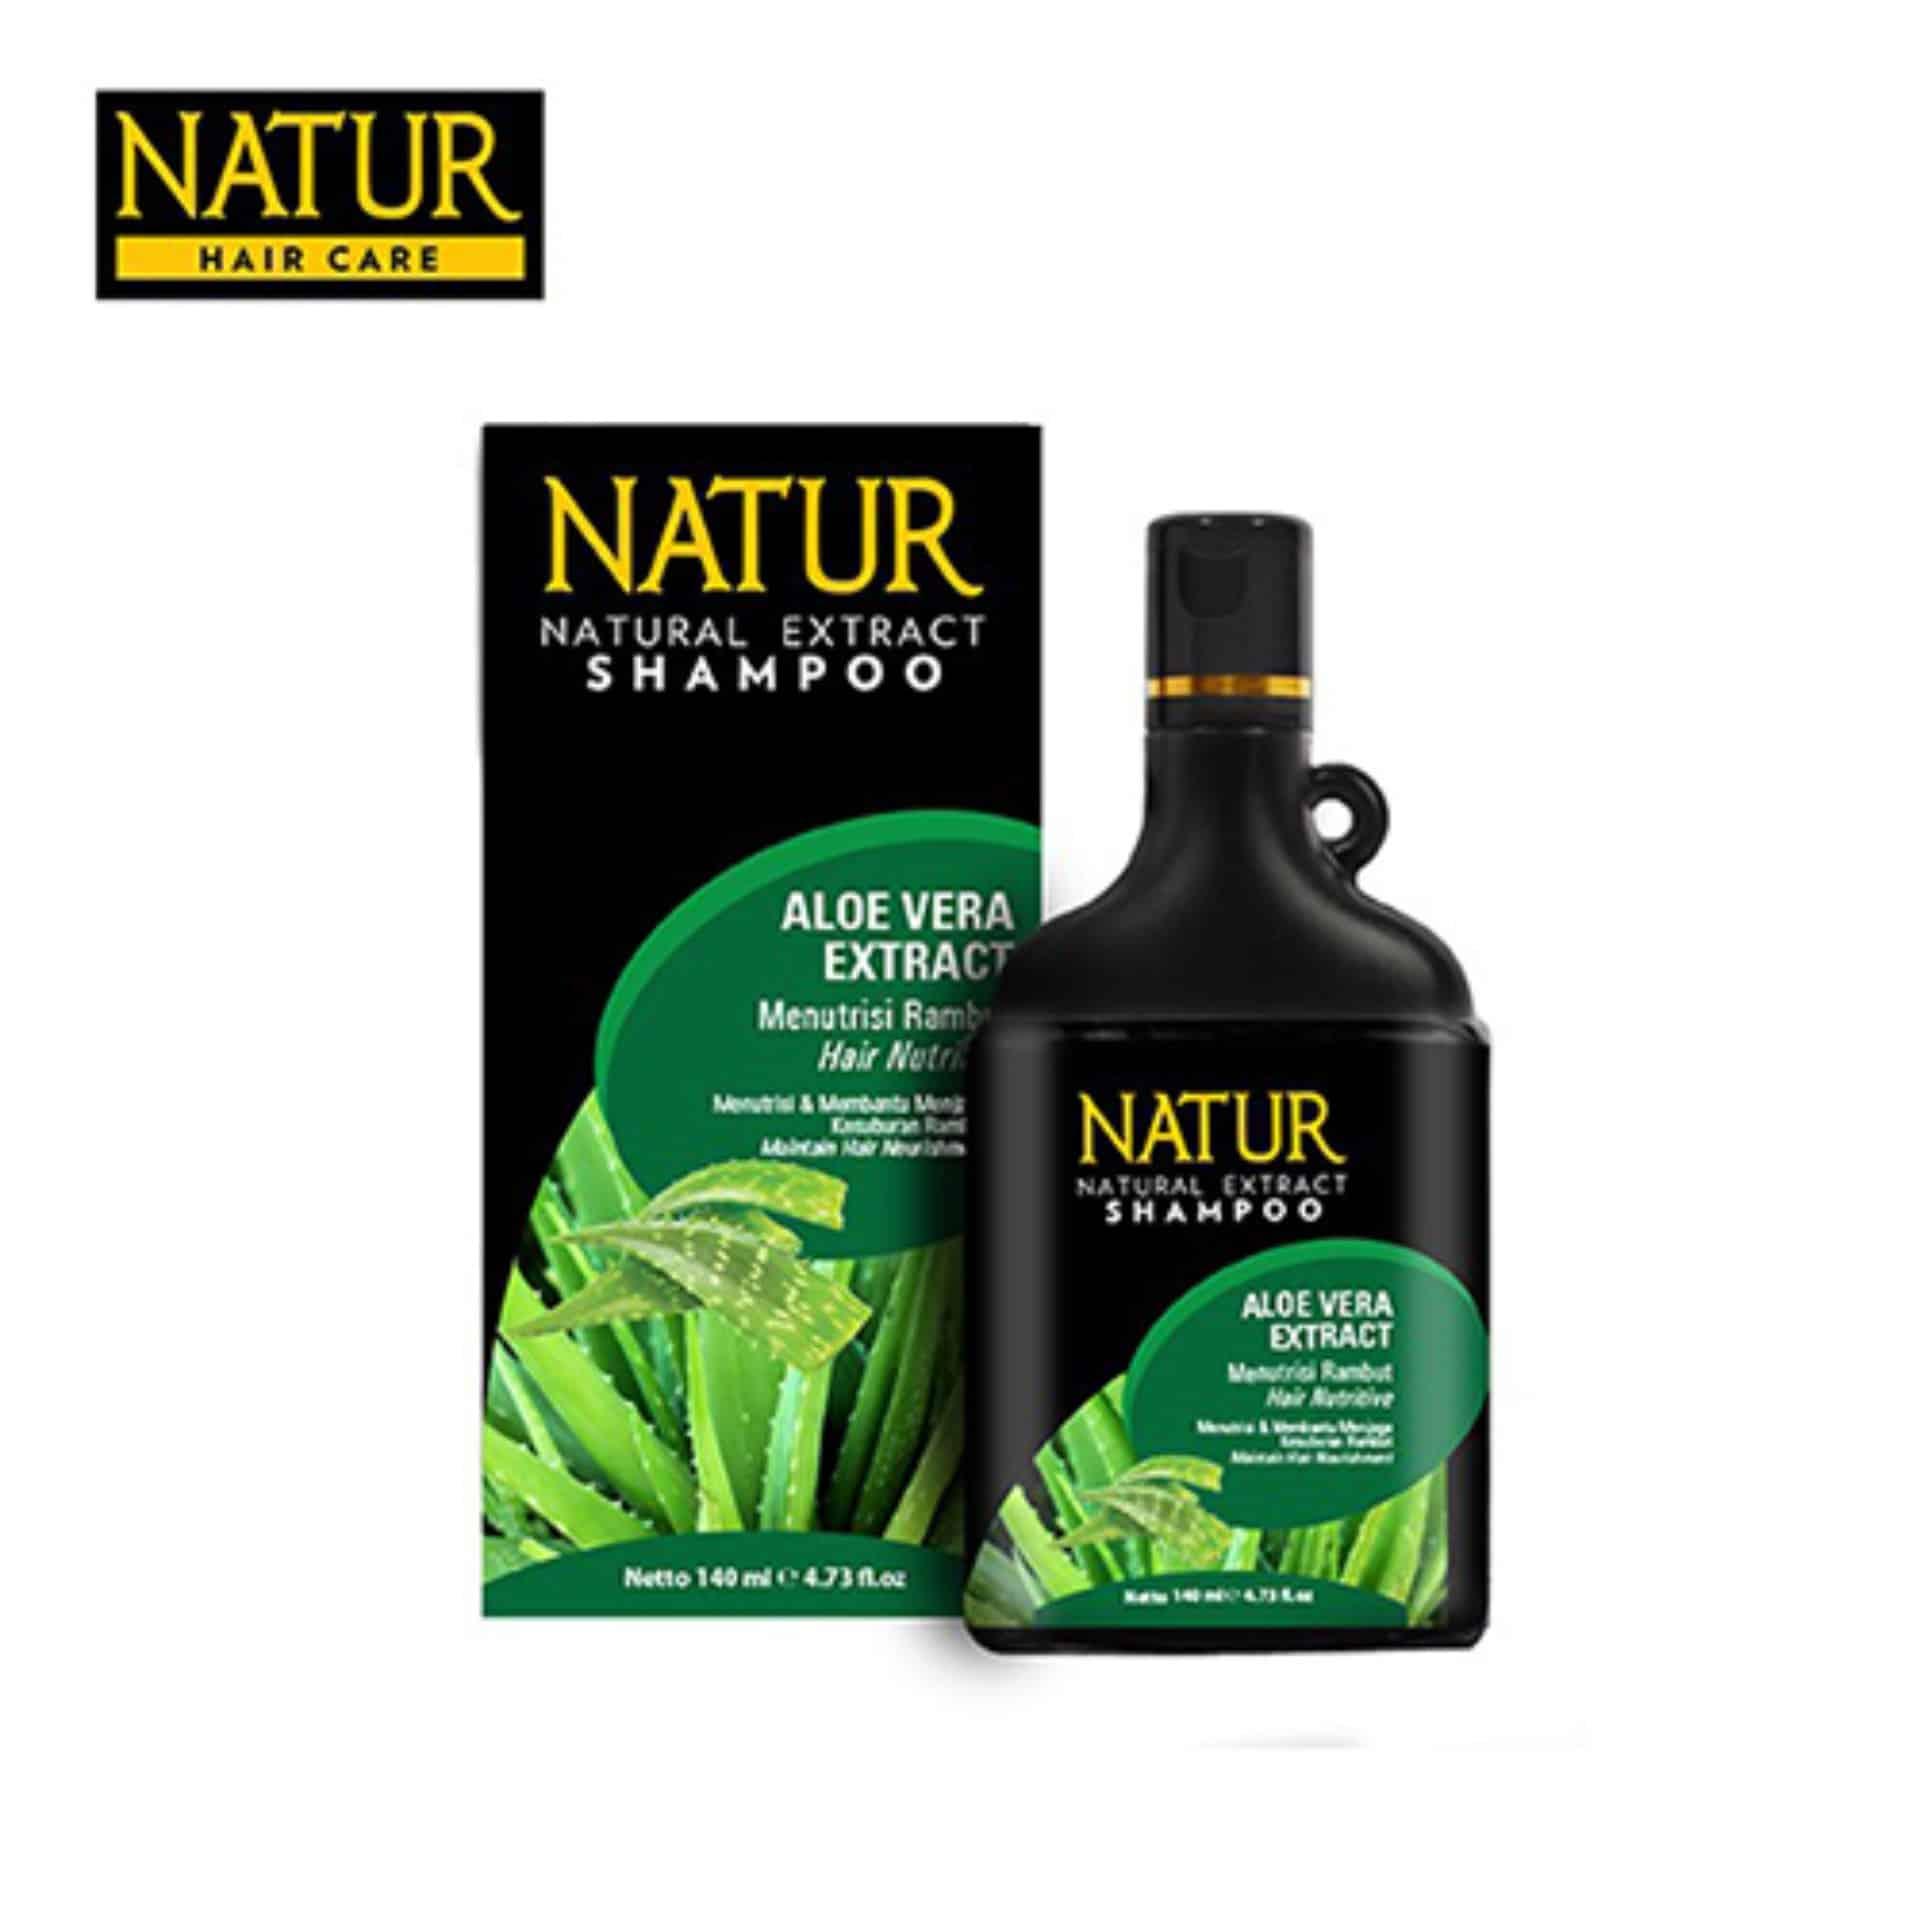 Natural-Extract-Shampoo-Aloe-Vera-Extract-Natur